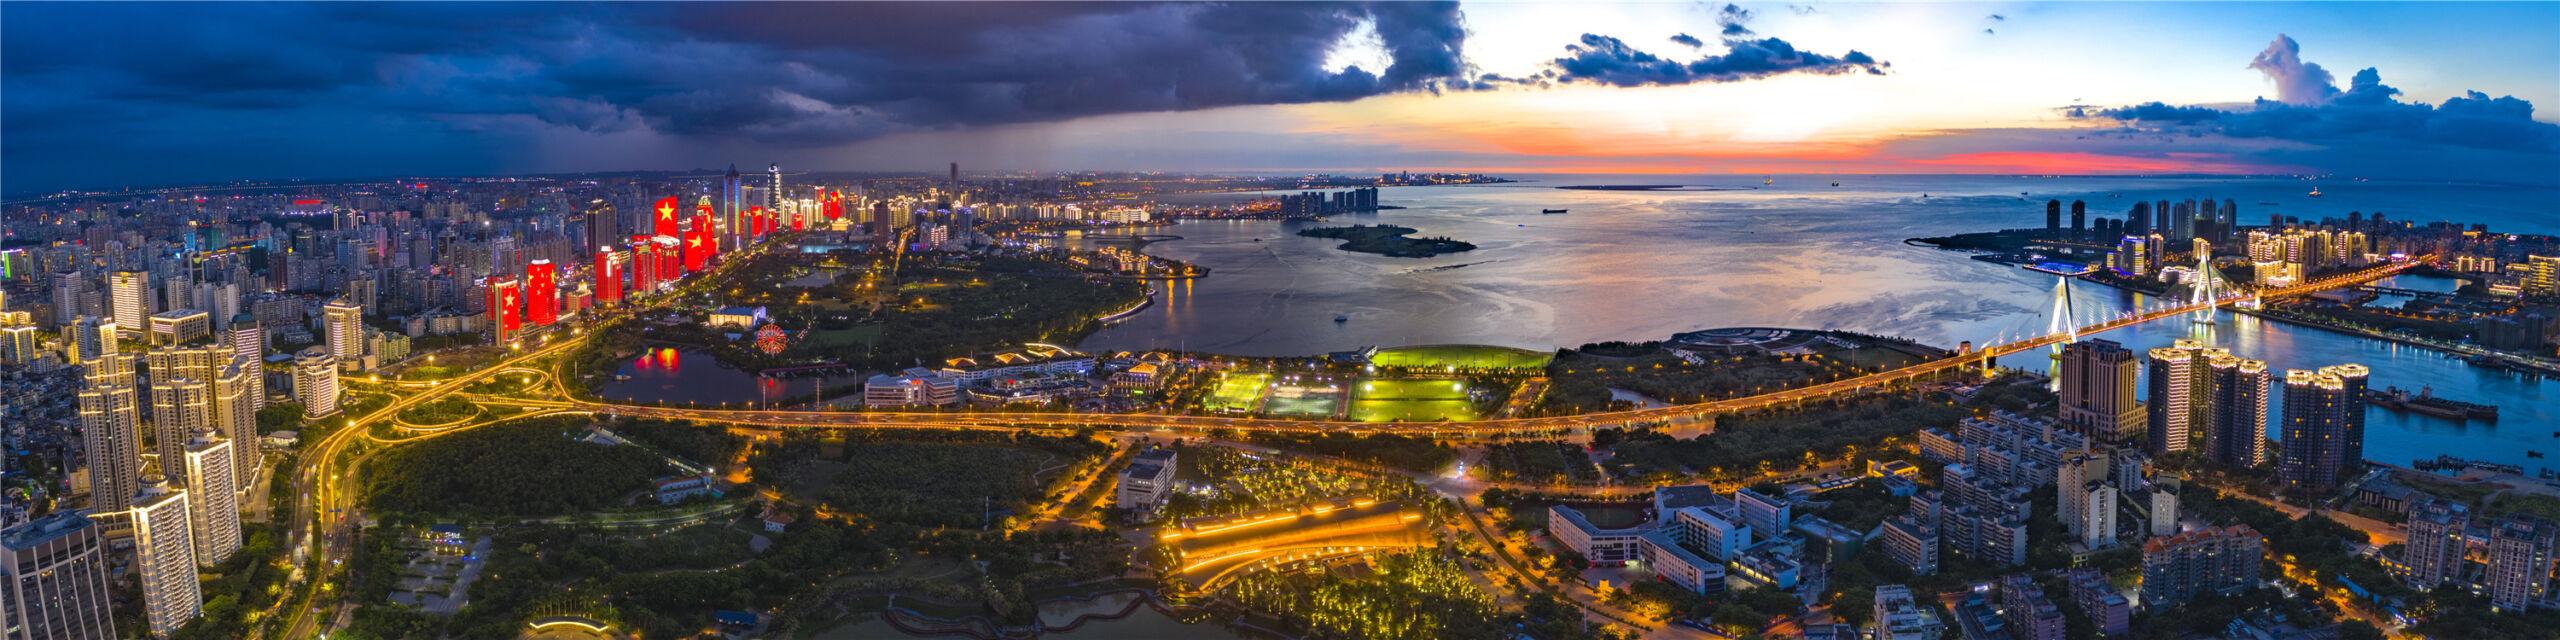 Хайкоу проводит ярмарочный фестиваль, желая стать «городом Нового года»